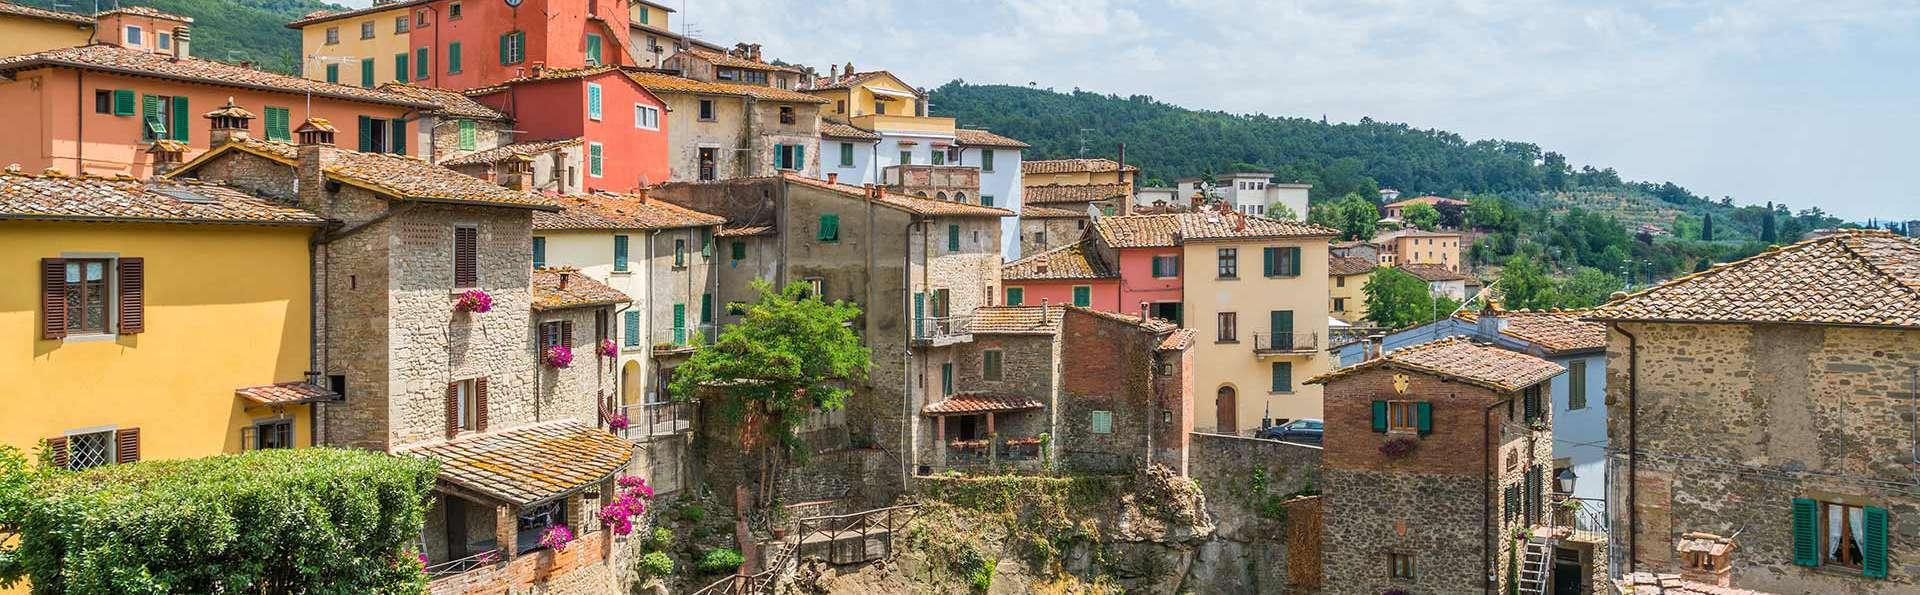 Villaggio Orizzonte - EDIT_CIUFFENA.jpg